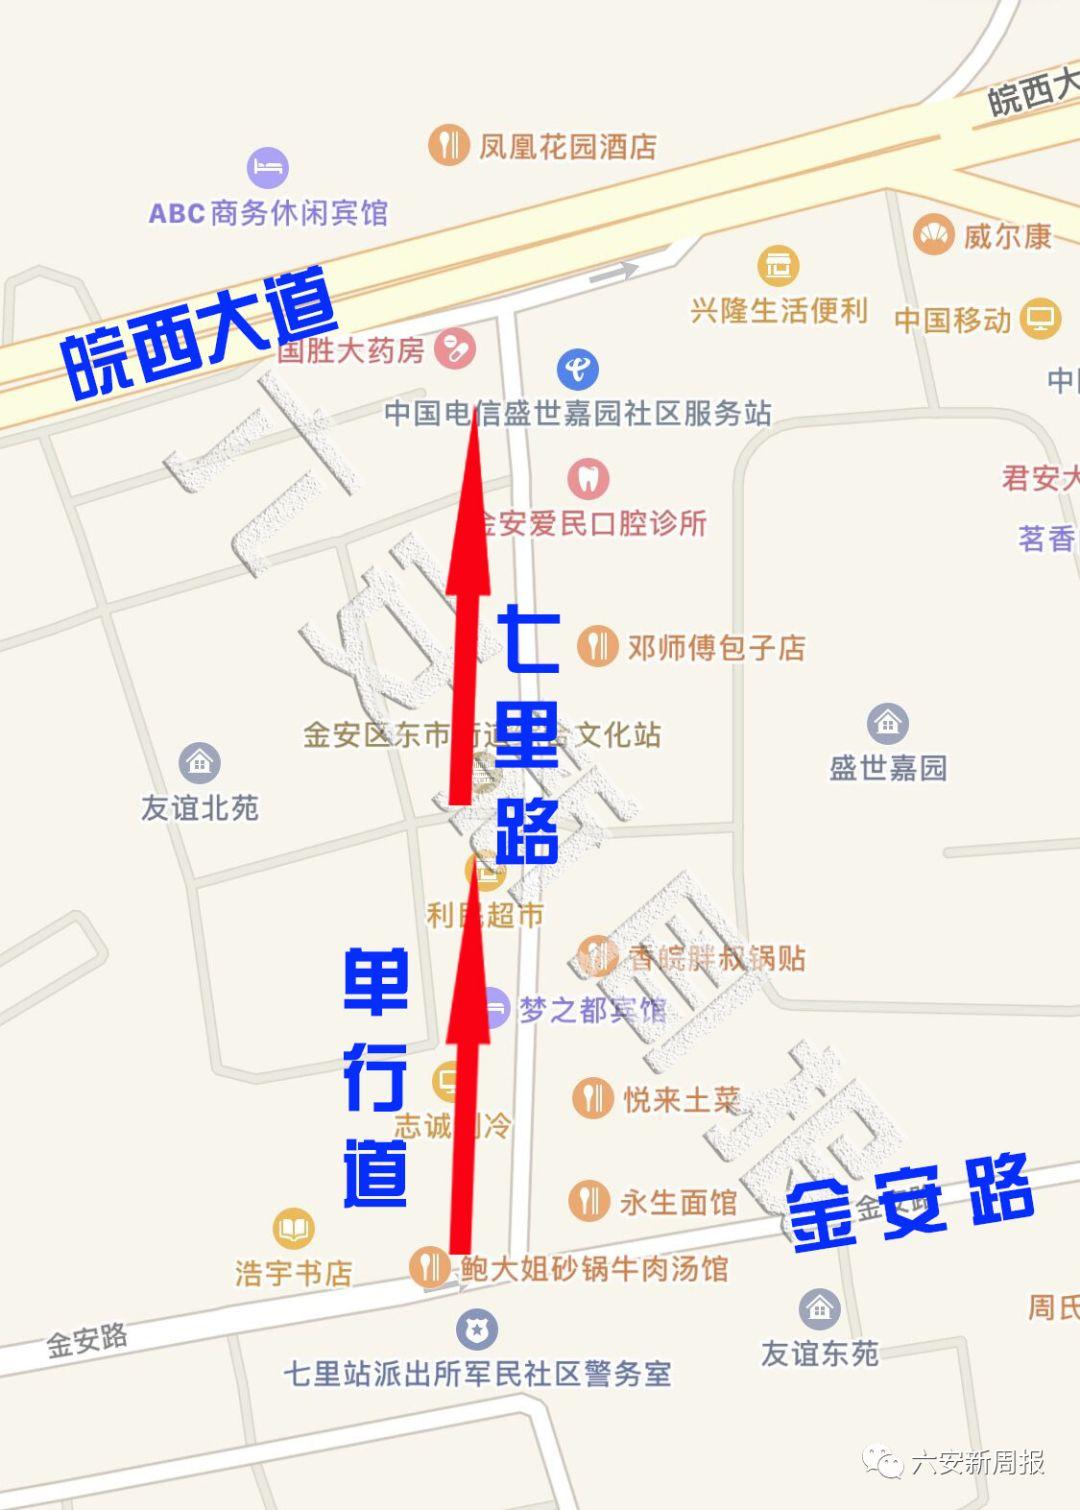 公兴搬迁  六安城区首设单行道!这5条路千万别走错了!